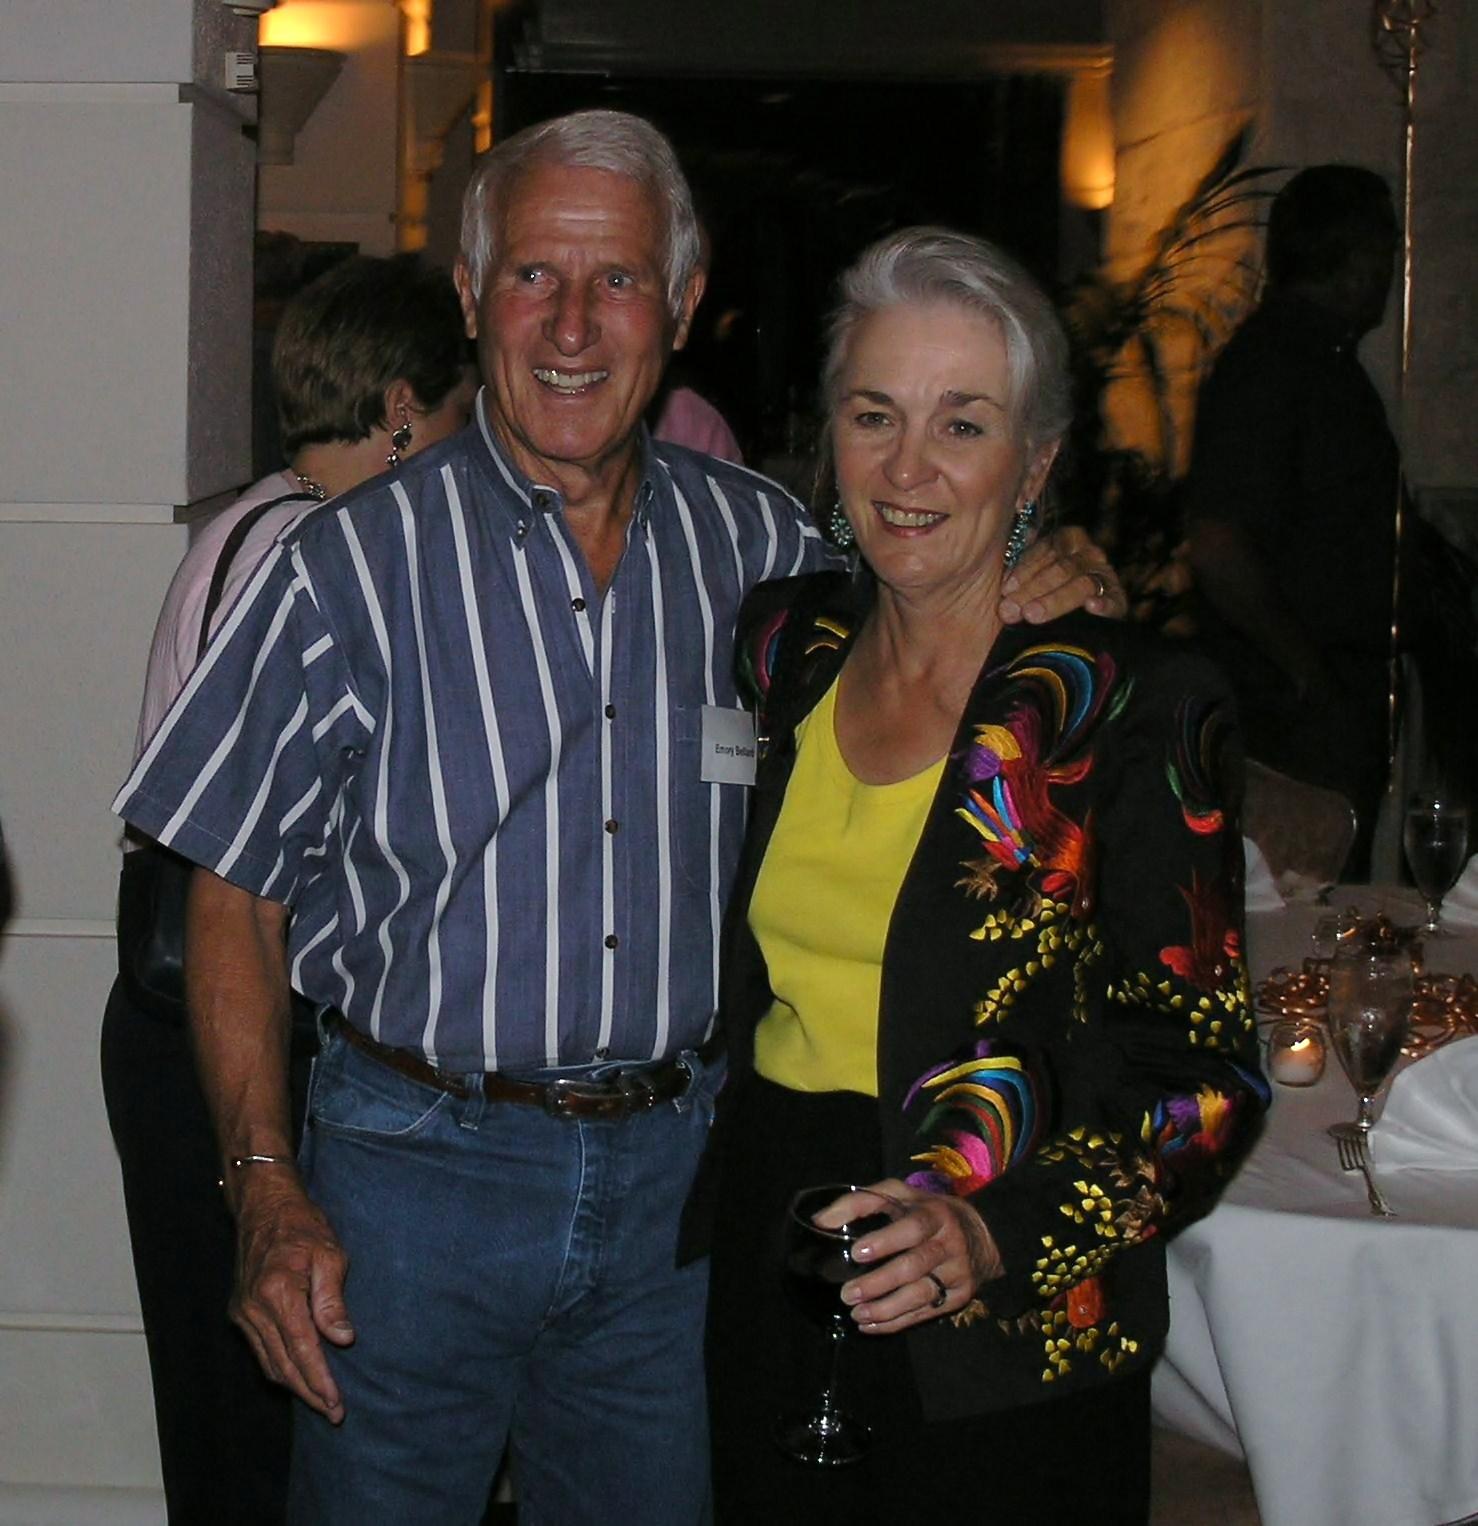 Coach and Mrs. Bellard